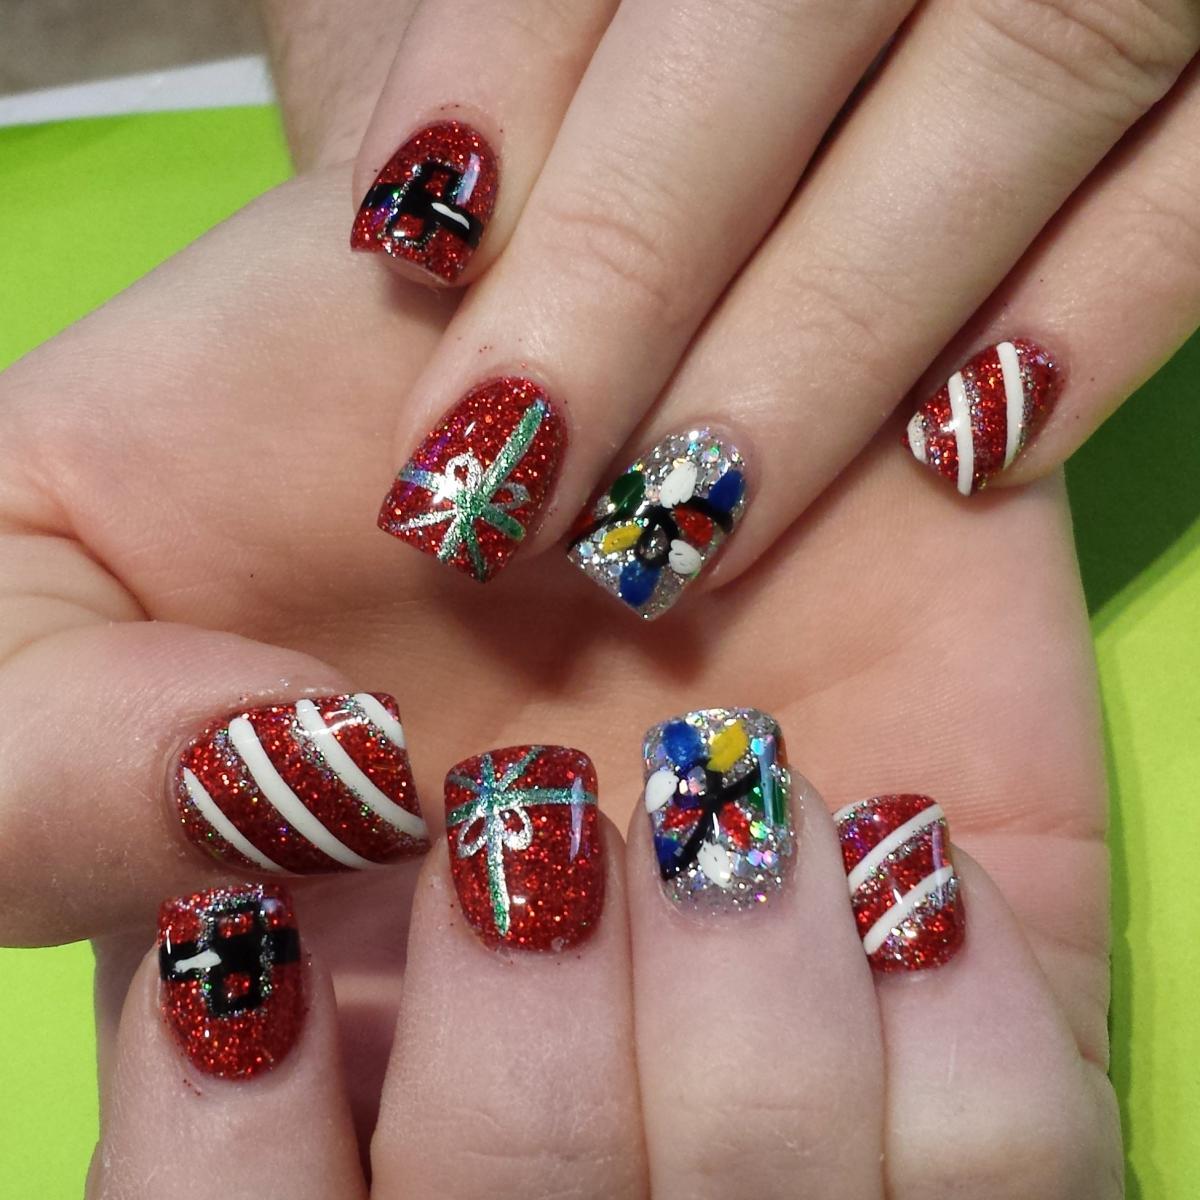 Gallery | Nail salon Pasadena - Nail salon 77505 - Designs Nails & Spa